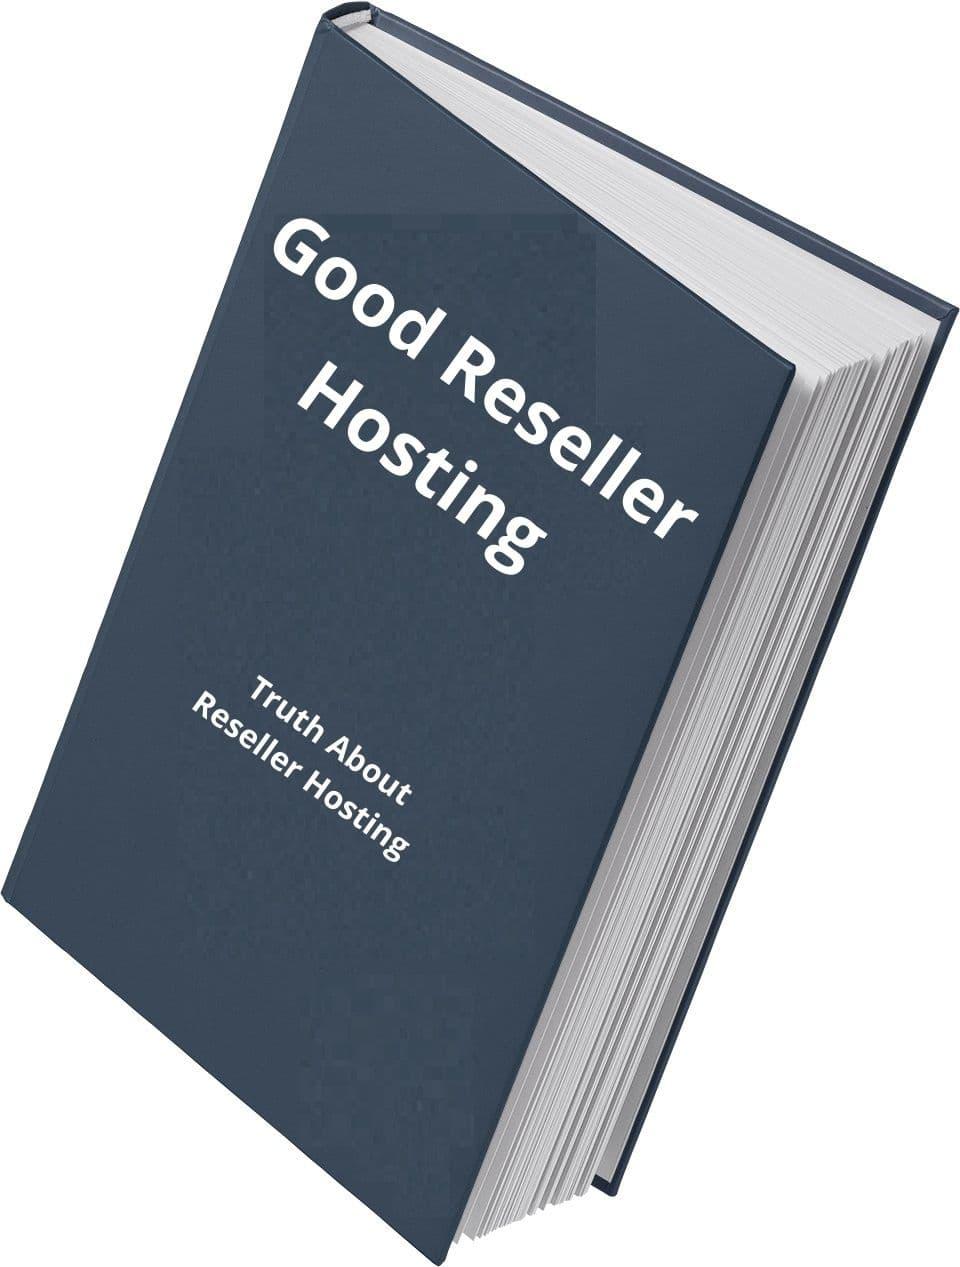 ssd reseller hosting australia